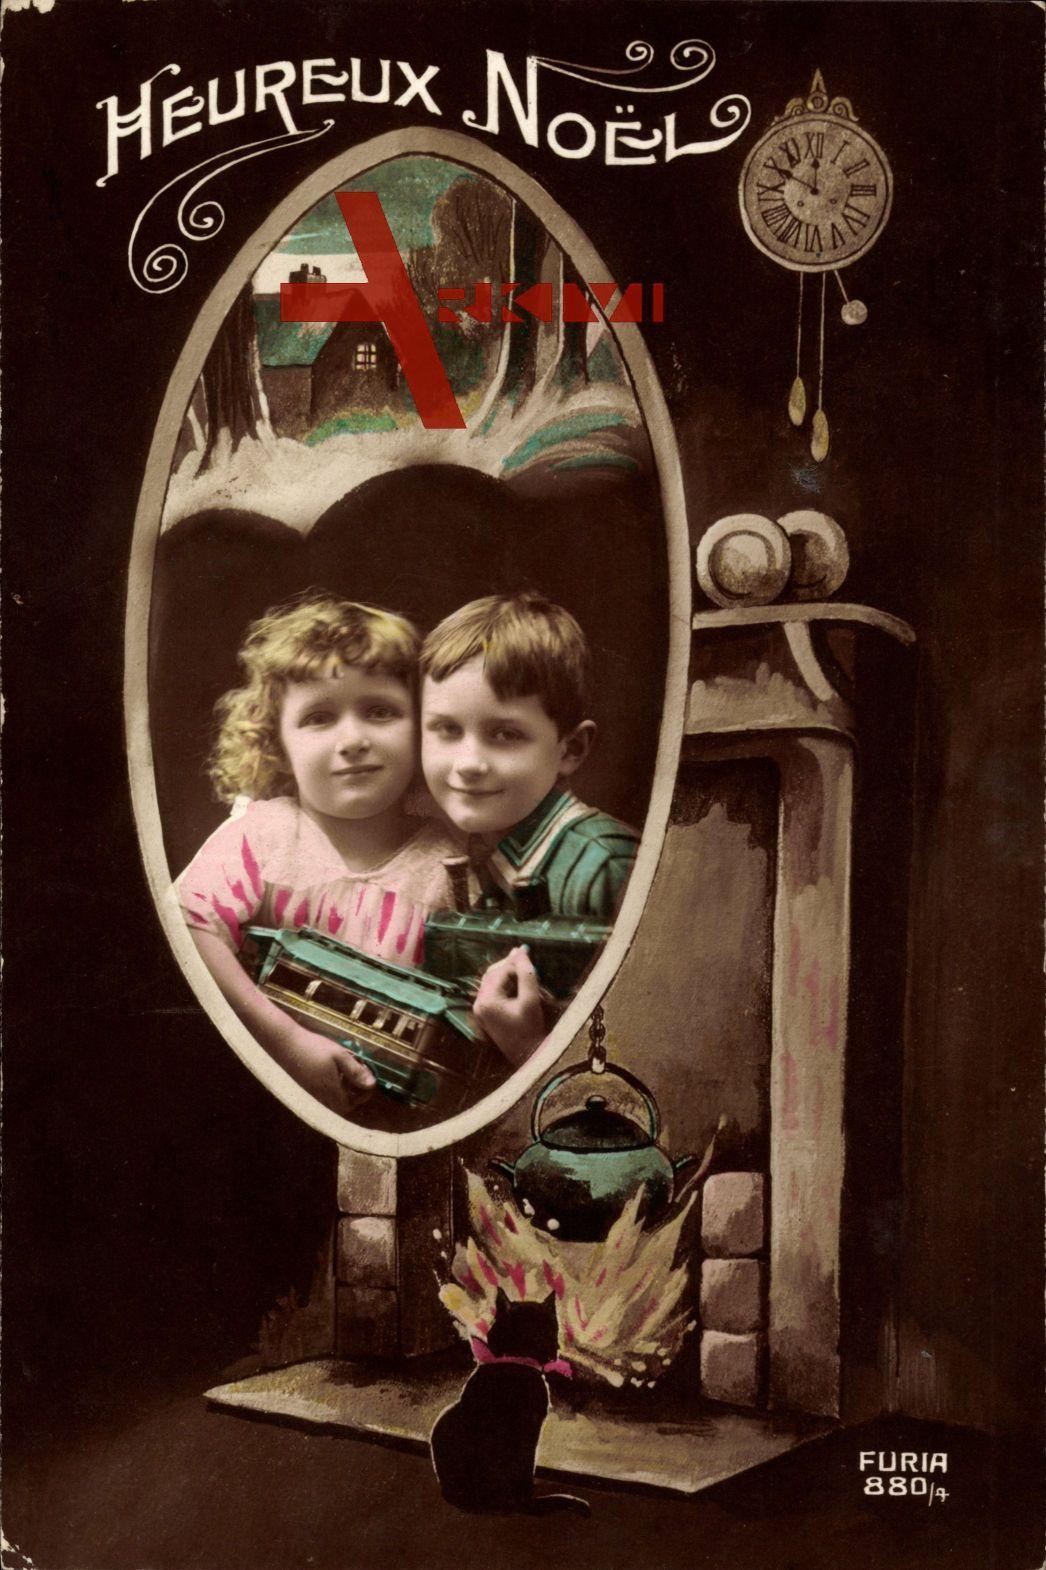 Heureux Noel, Weihnachten, Kinder mit Spielzeug, Uhr, Katze, Furia 880/4